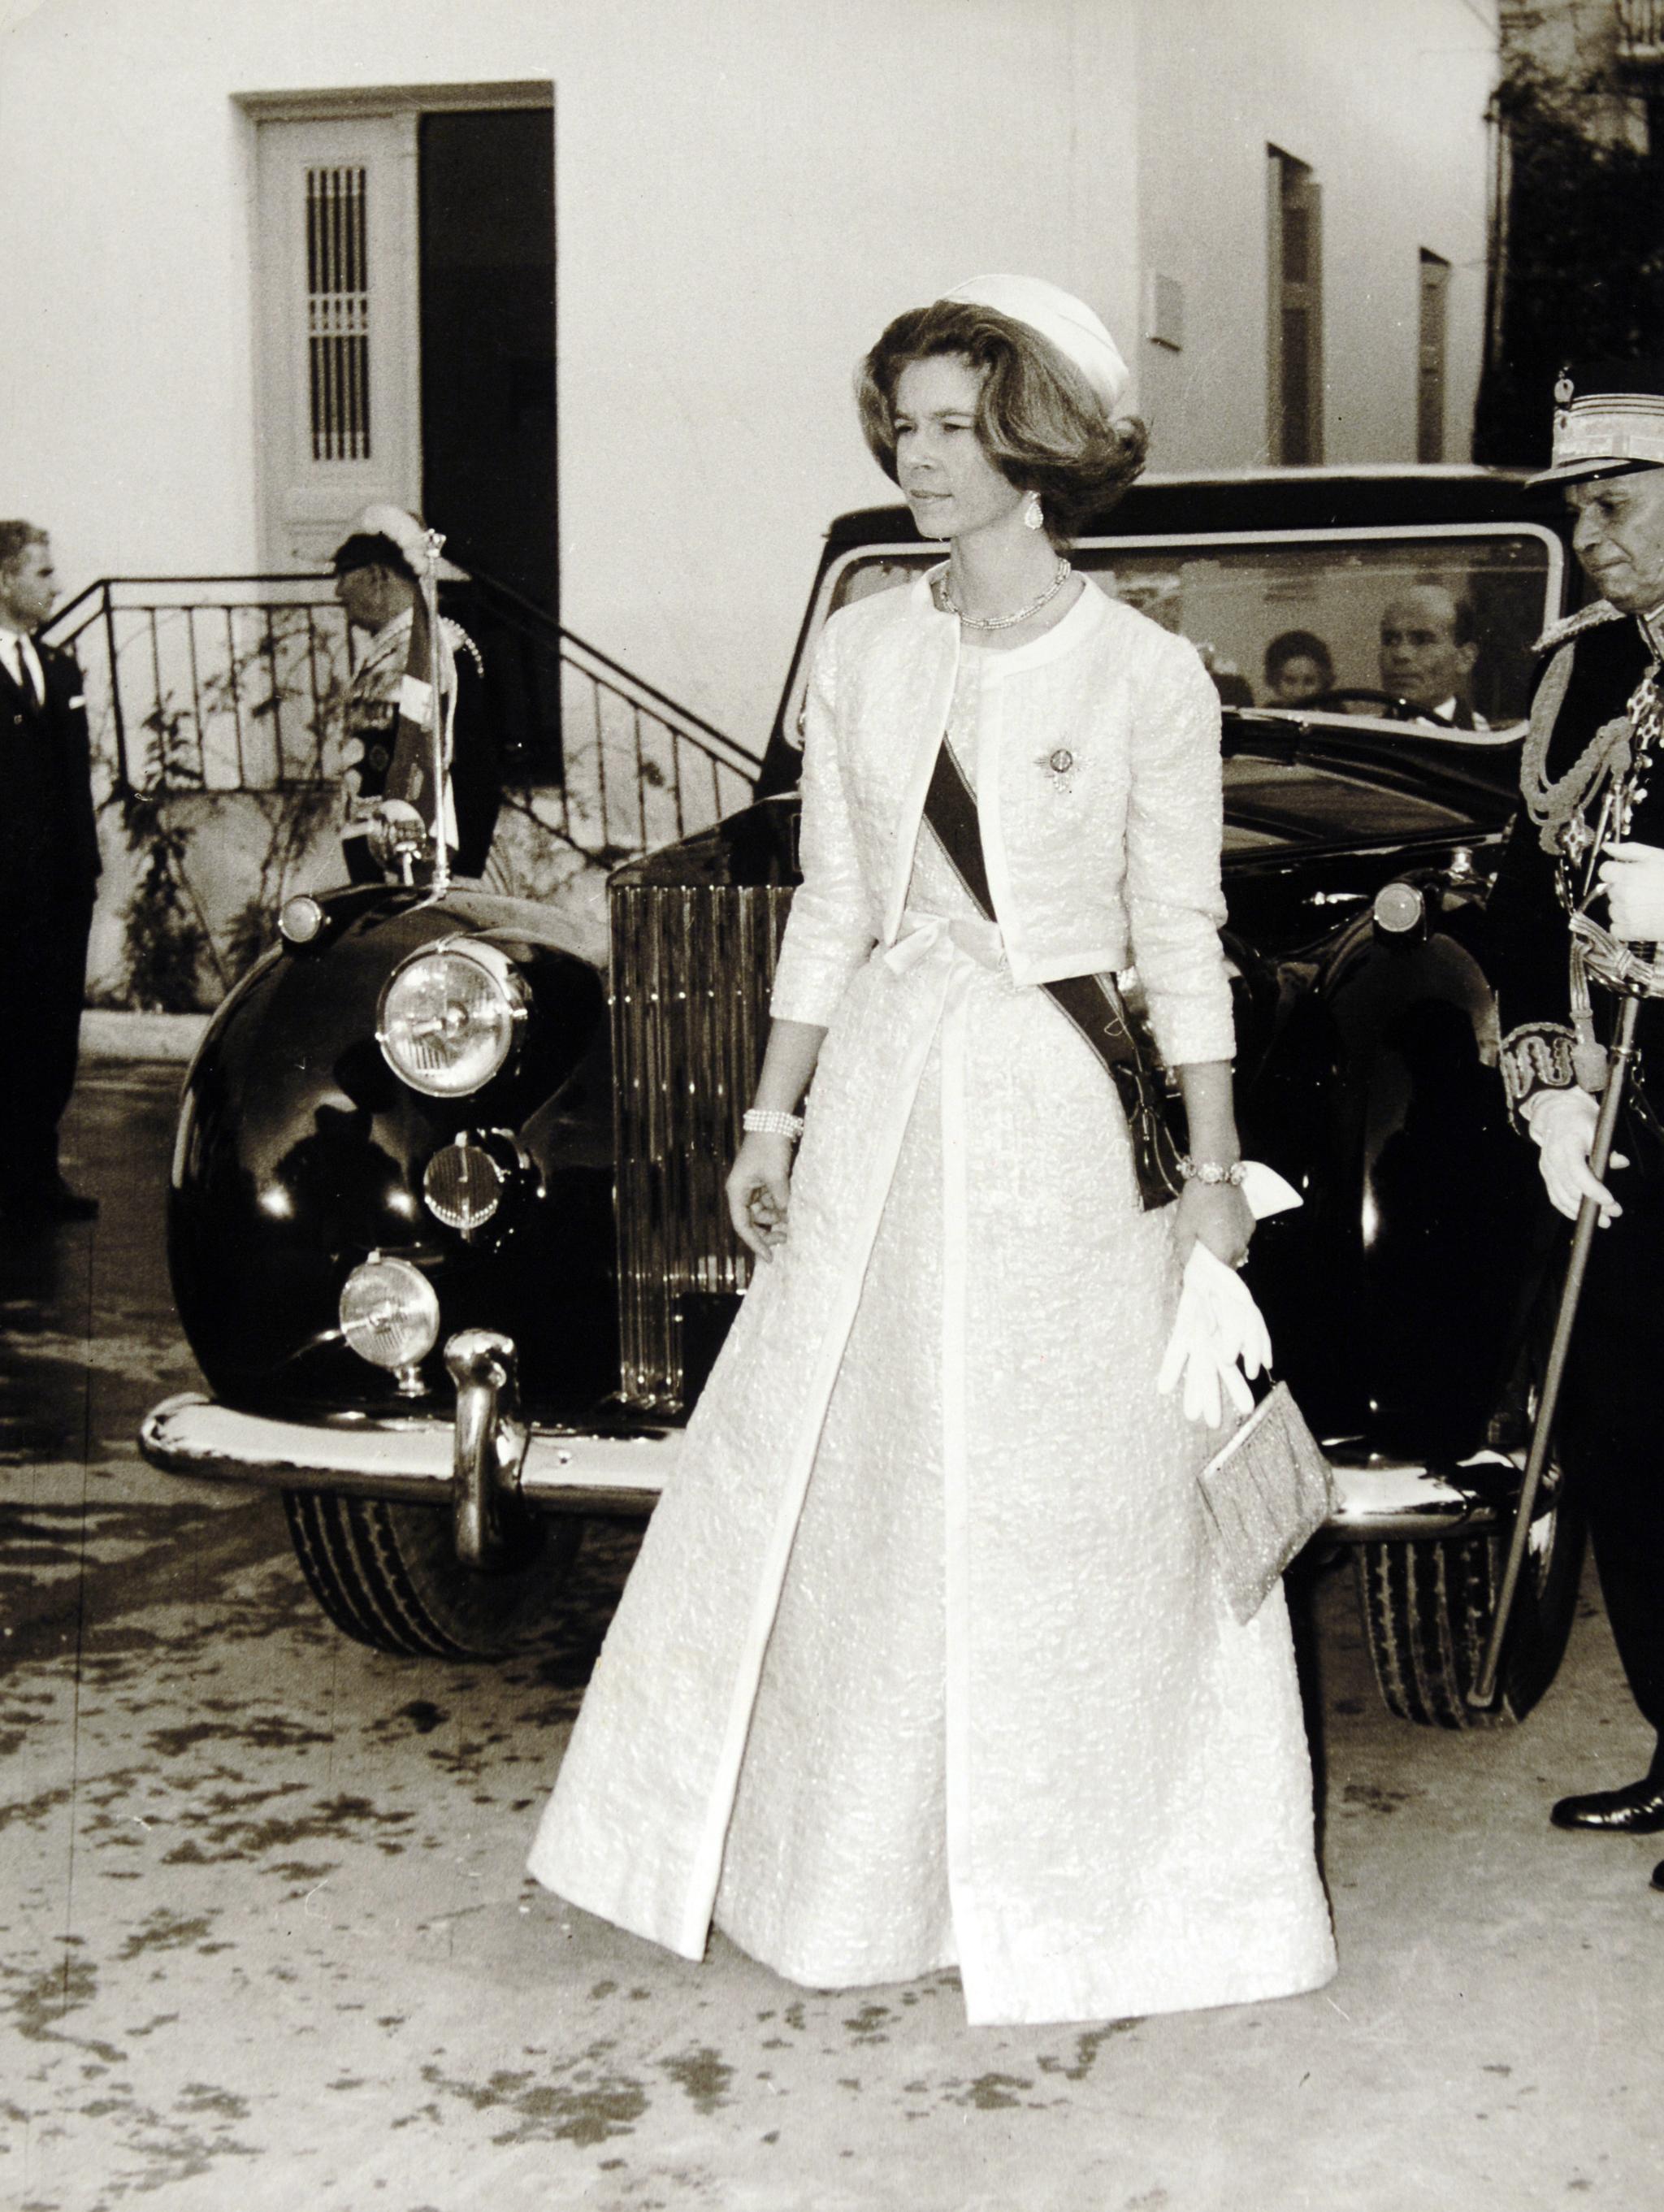 La princesa Irene, en una imagen de mediados de los 60.